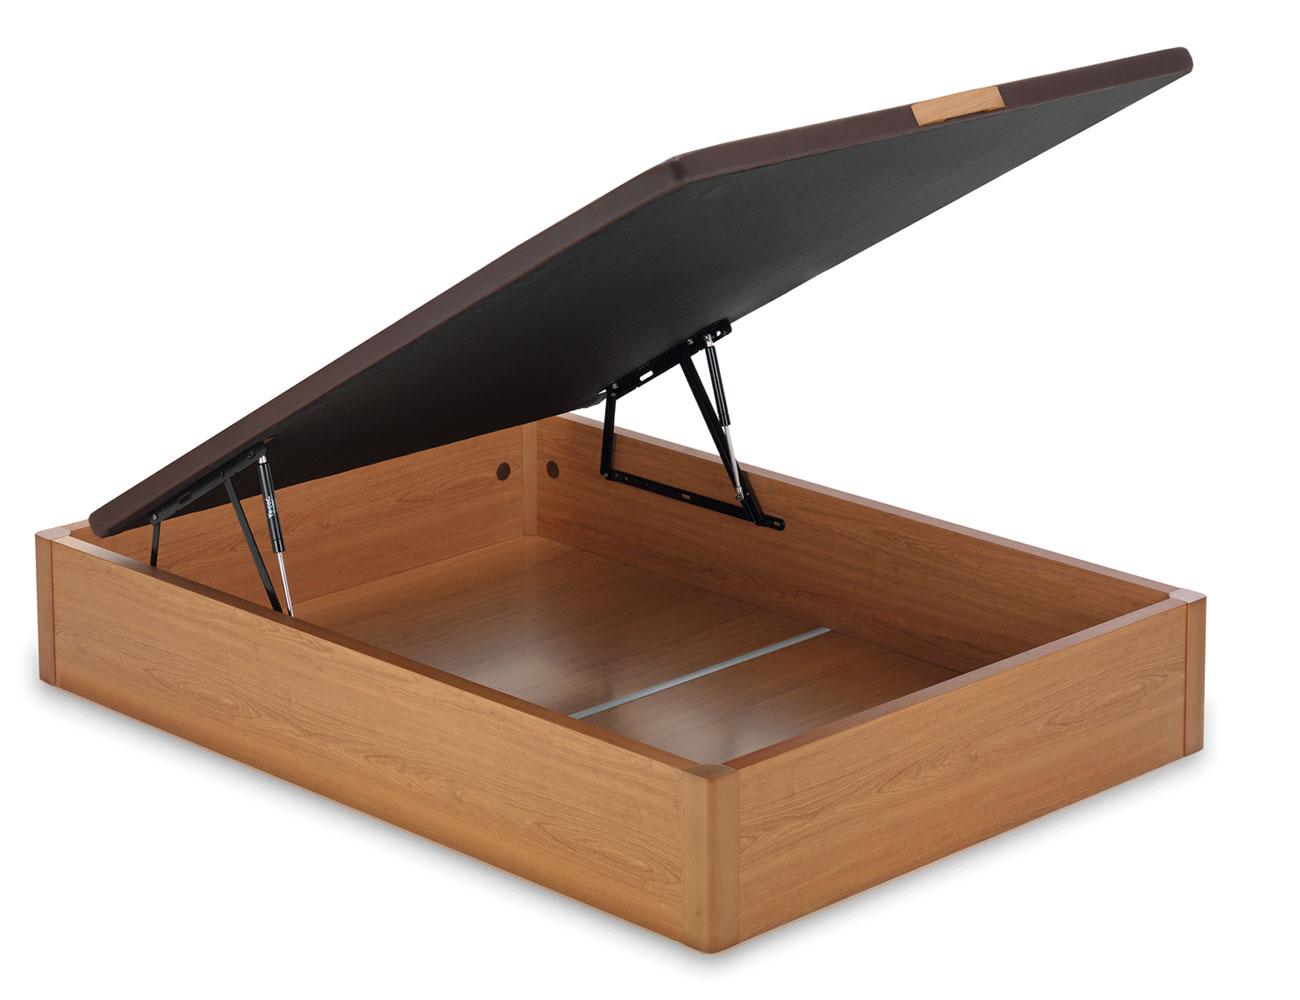 Canape madera 5 cm grosor gran calidad abierto8